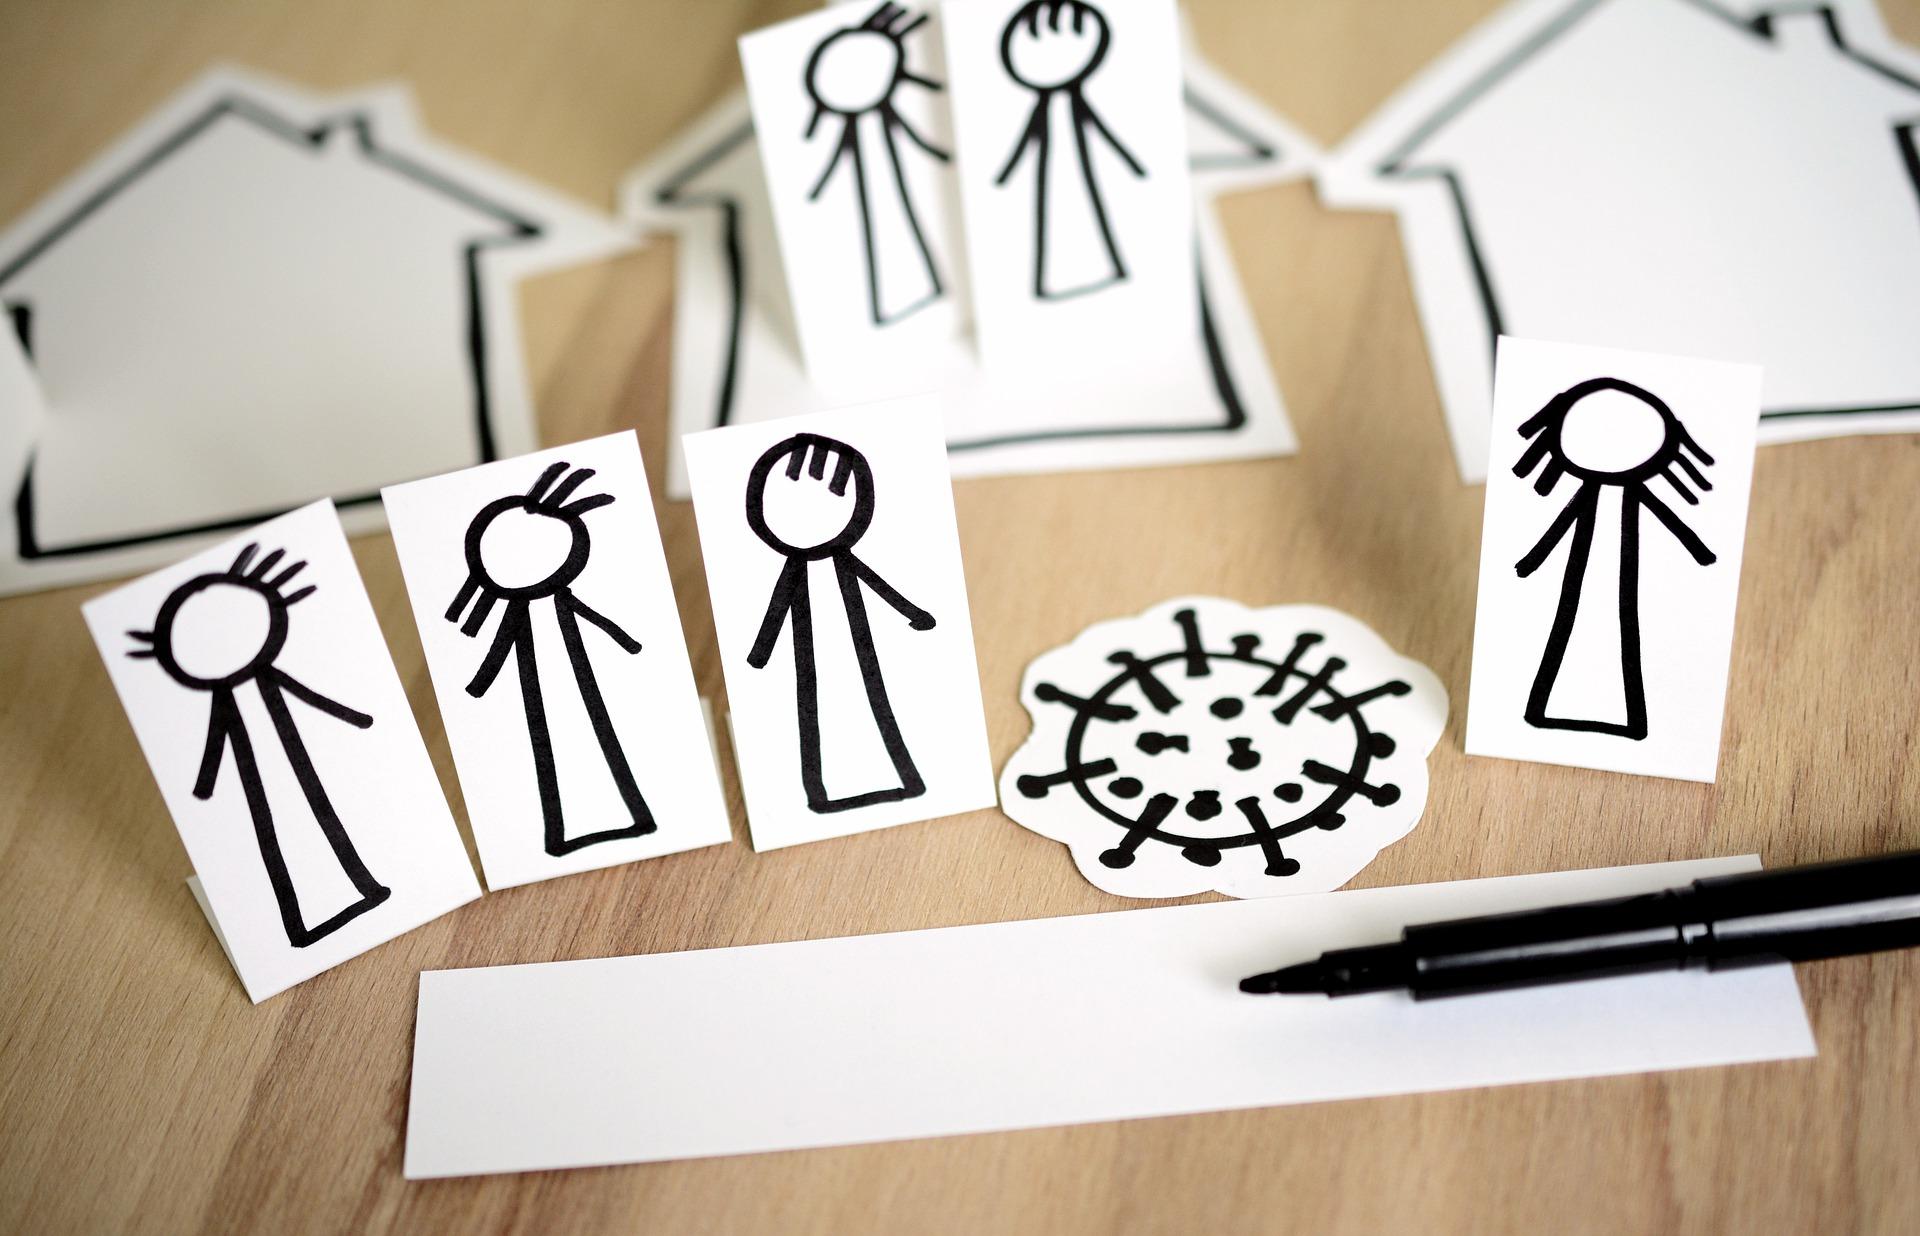 企業線上學習的最佳推手:疫情期間如何安全執課又避免群聚接觸